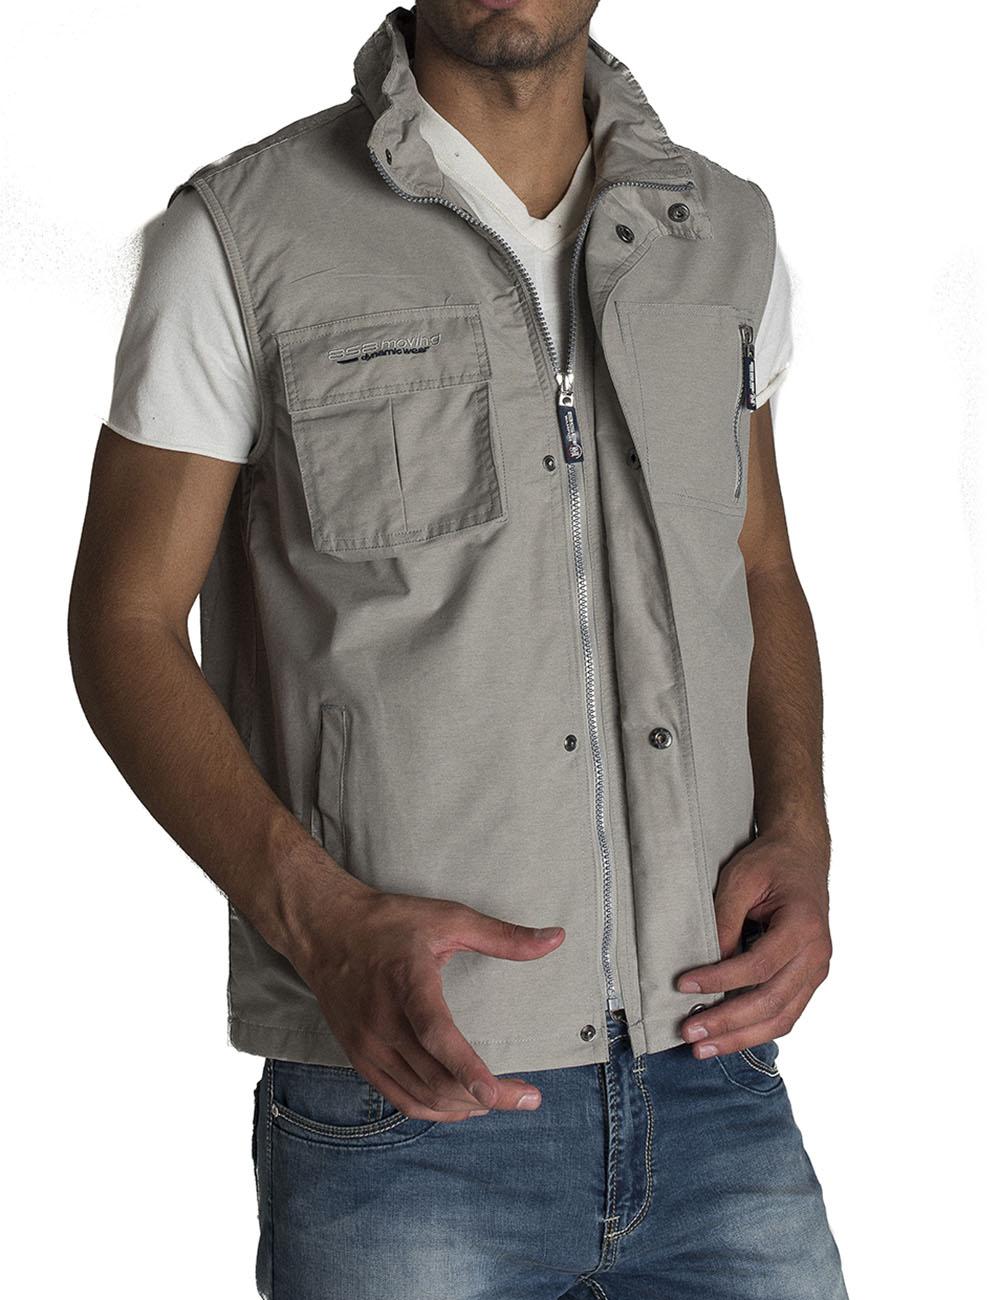 new style 38d49 3612a Bifulco Abbigliamento : Abbigliamento Uomo Donna Online ...